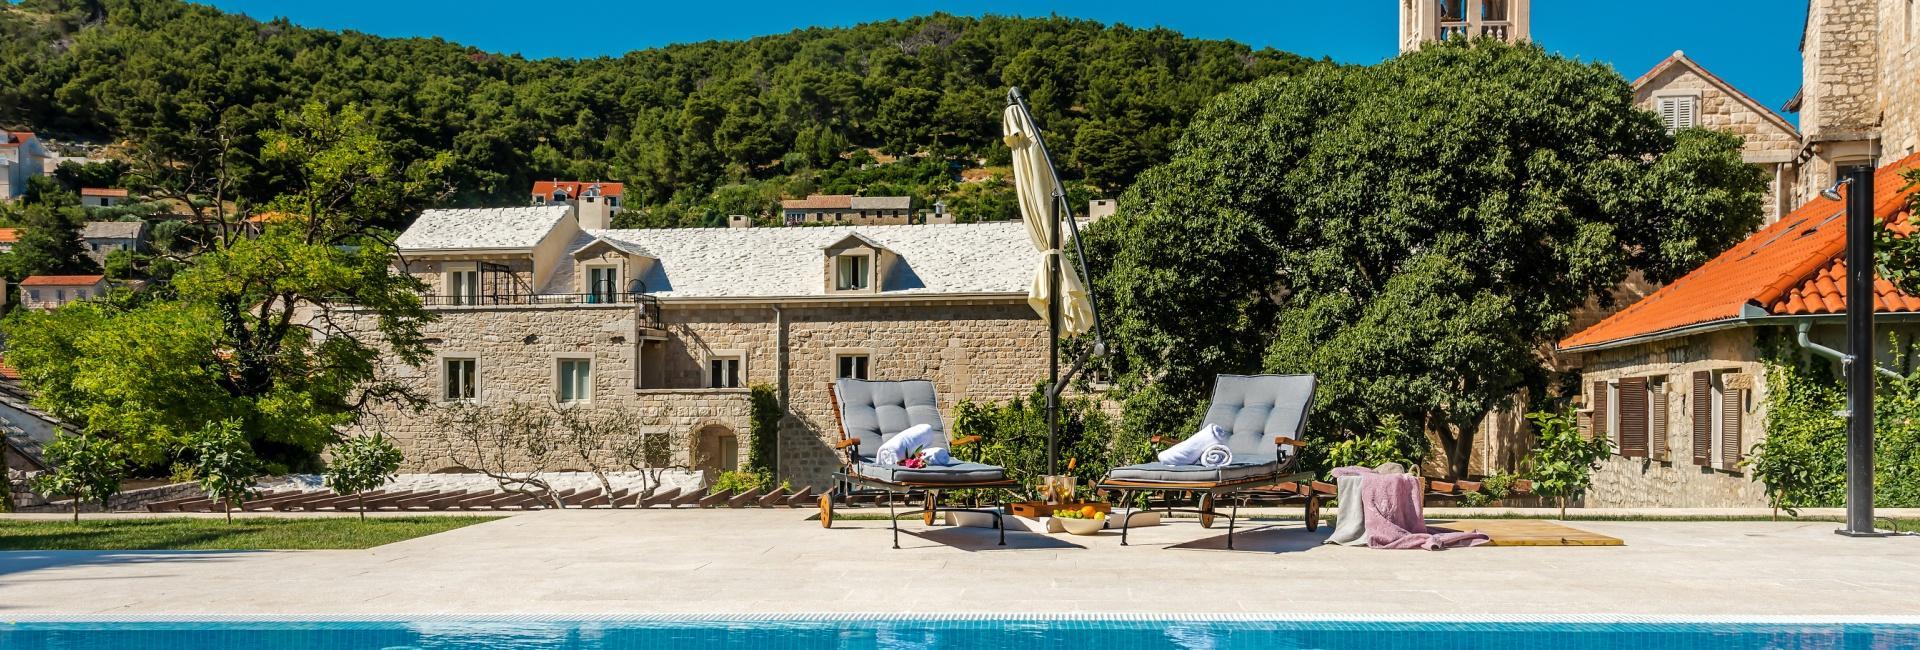 Hotel Puteus Palace, Brac, Croatia